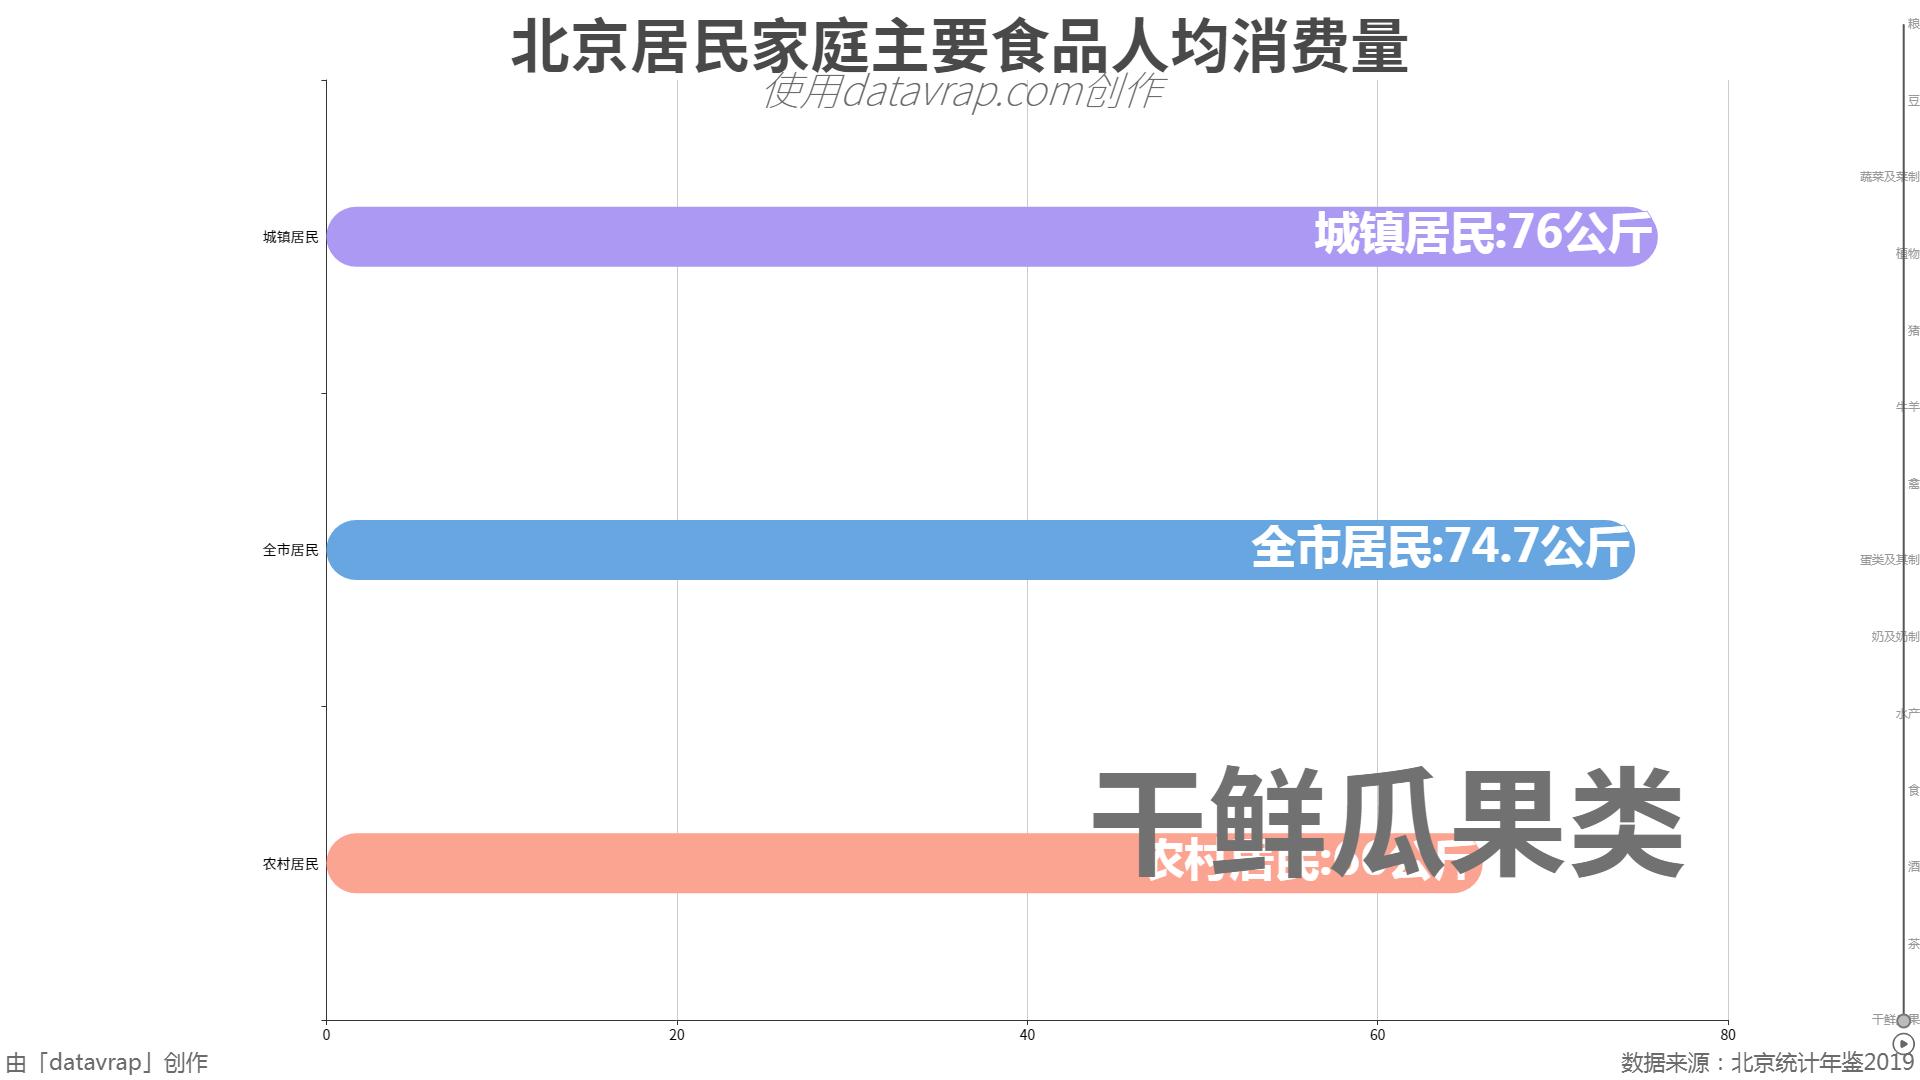 北京居民家庭主要食品人均消费量